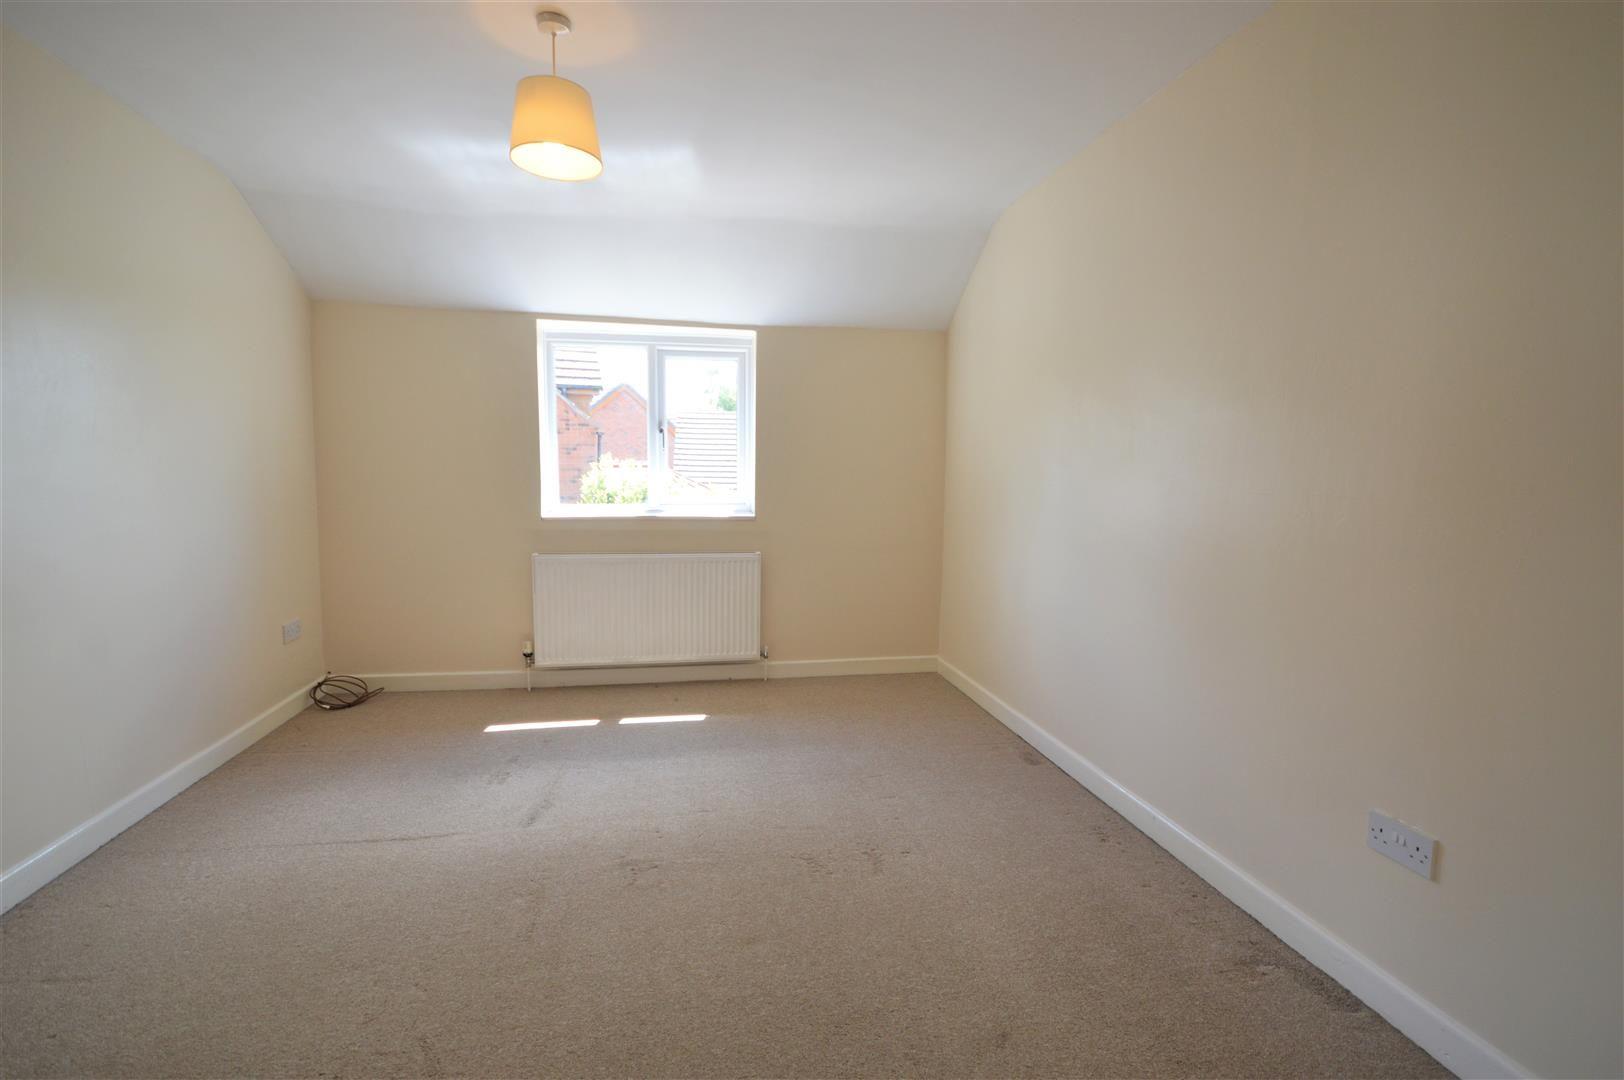 2 bed semi-detached for sale in Kingsland  - Property Image 5